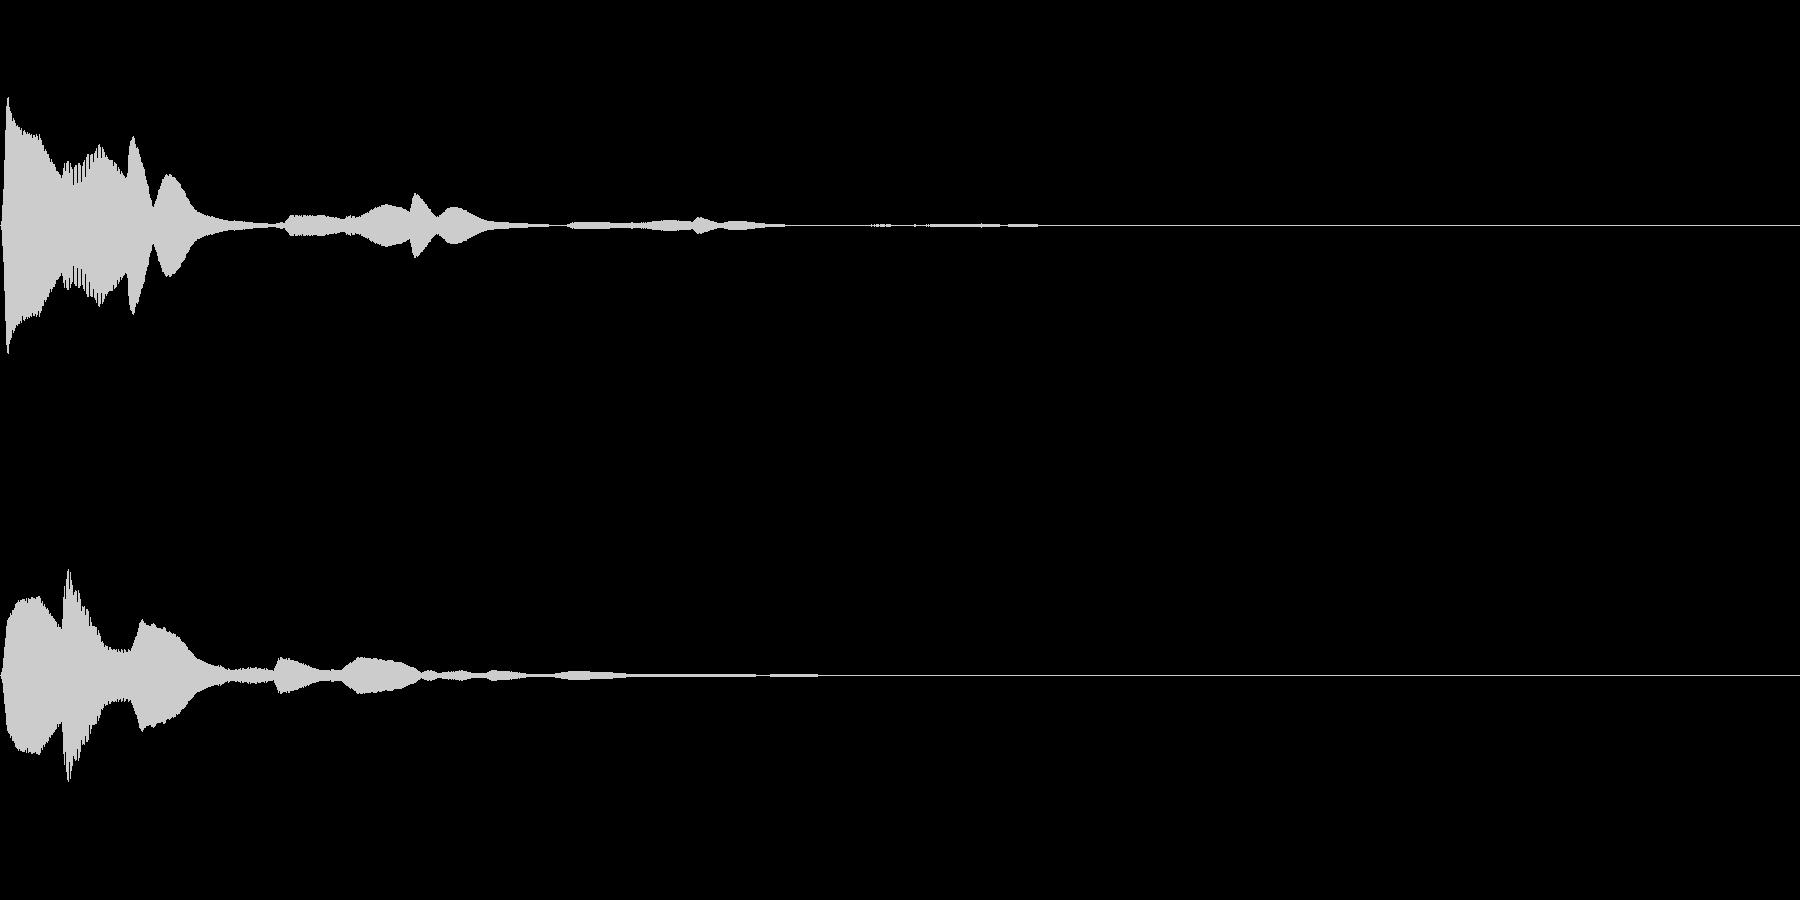 決定/クリック/選択音(ピコンッ)の未再生の波形